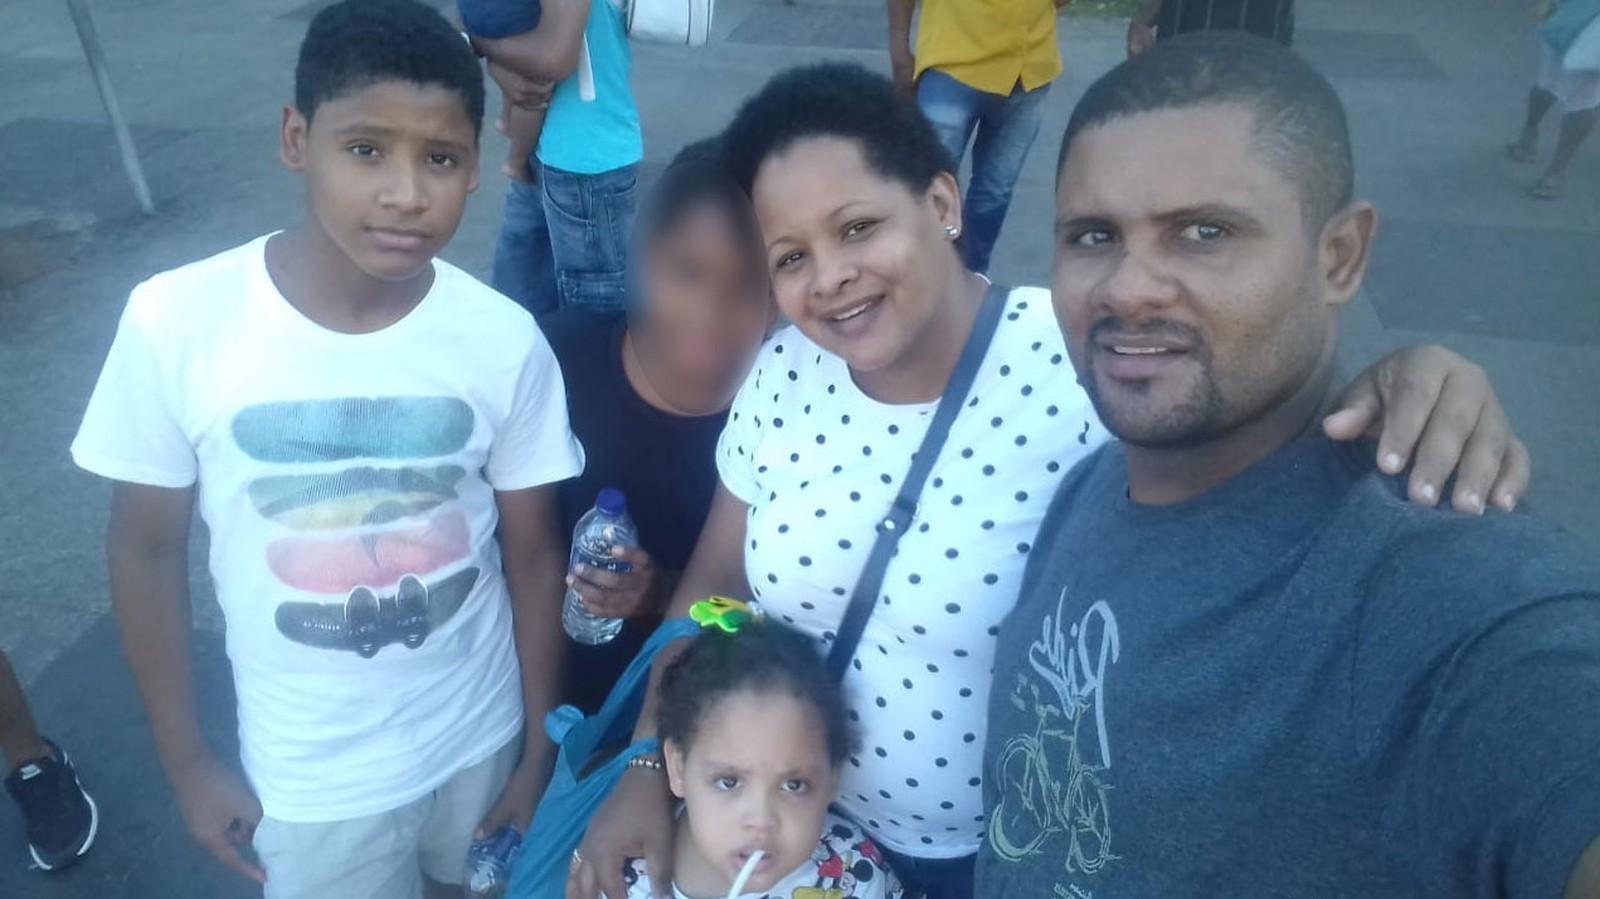 Sonho da casa própria durou apenas 3 meses para a família com 3 mortos na Muzema, diz amigo